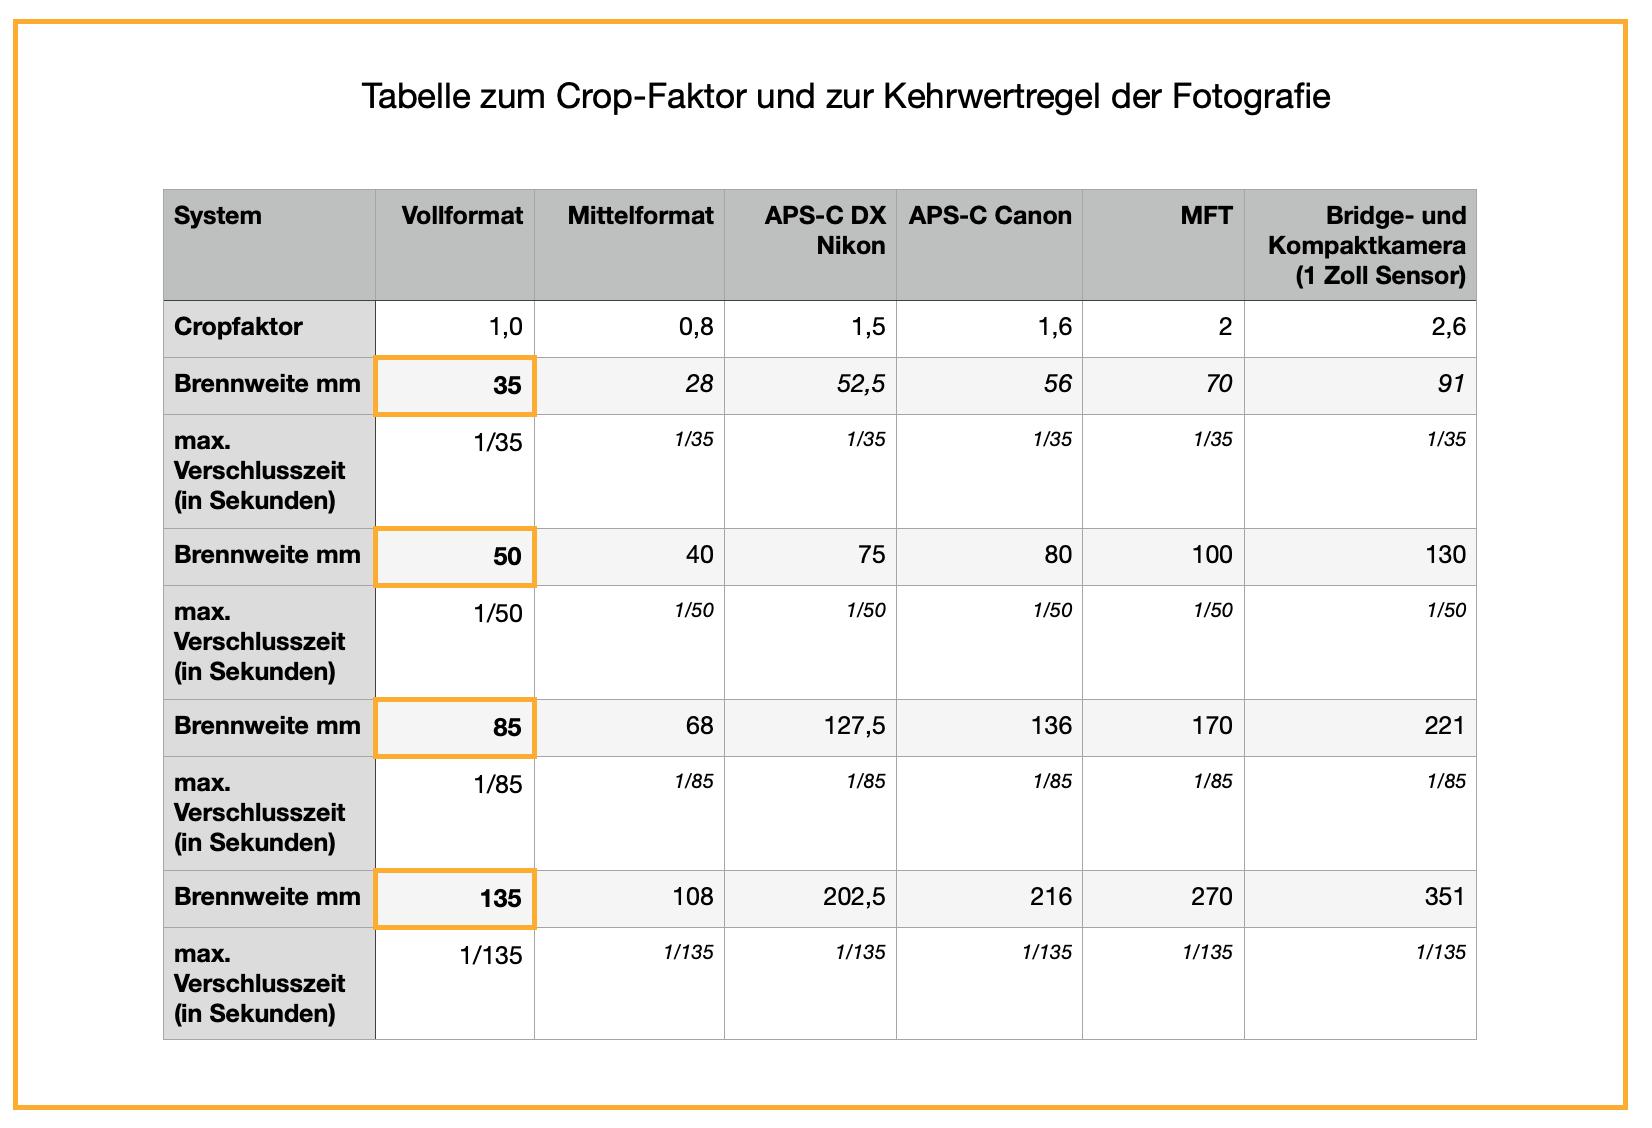 Cropfaktor in der Fotografie: Tabelle mit wichtigen Brennweiten!